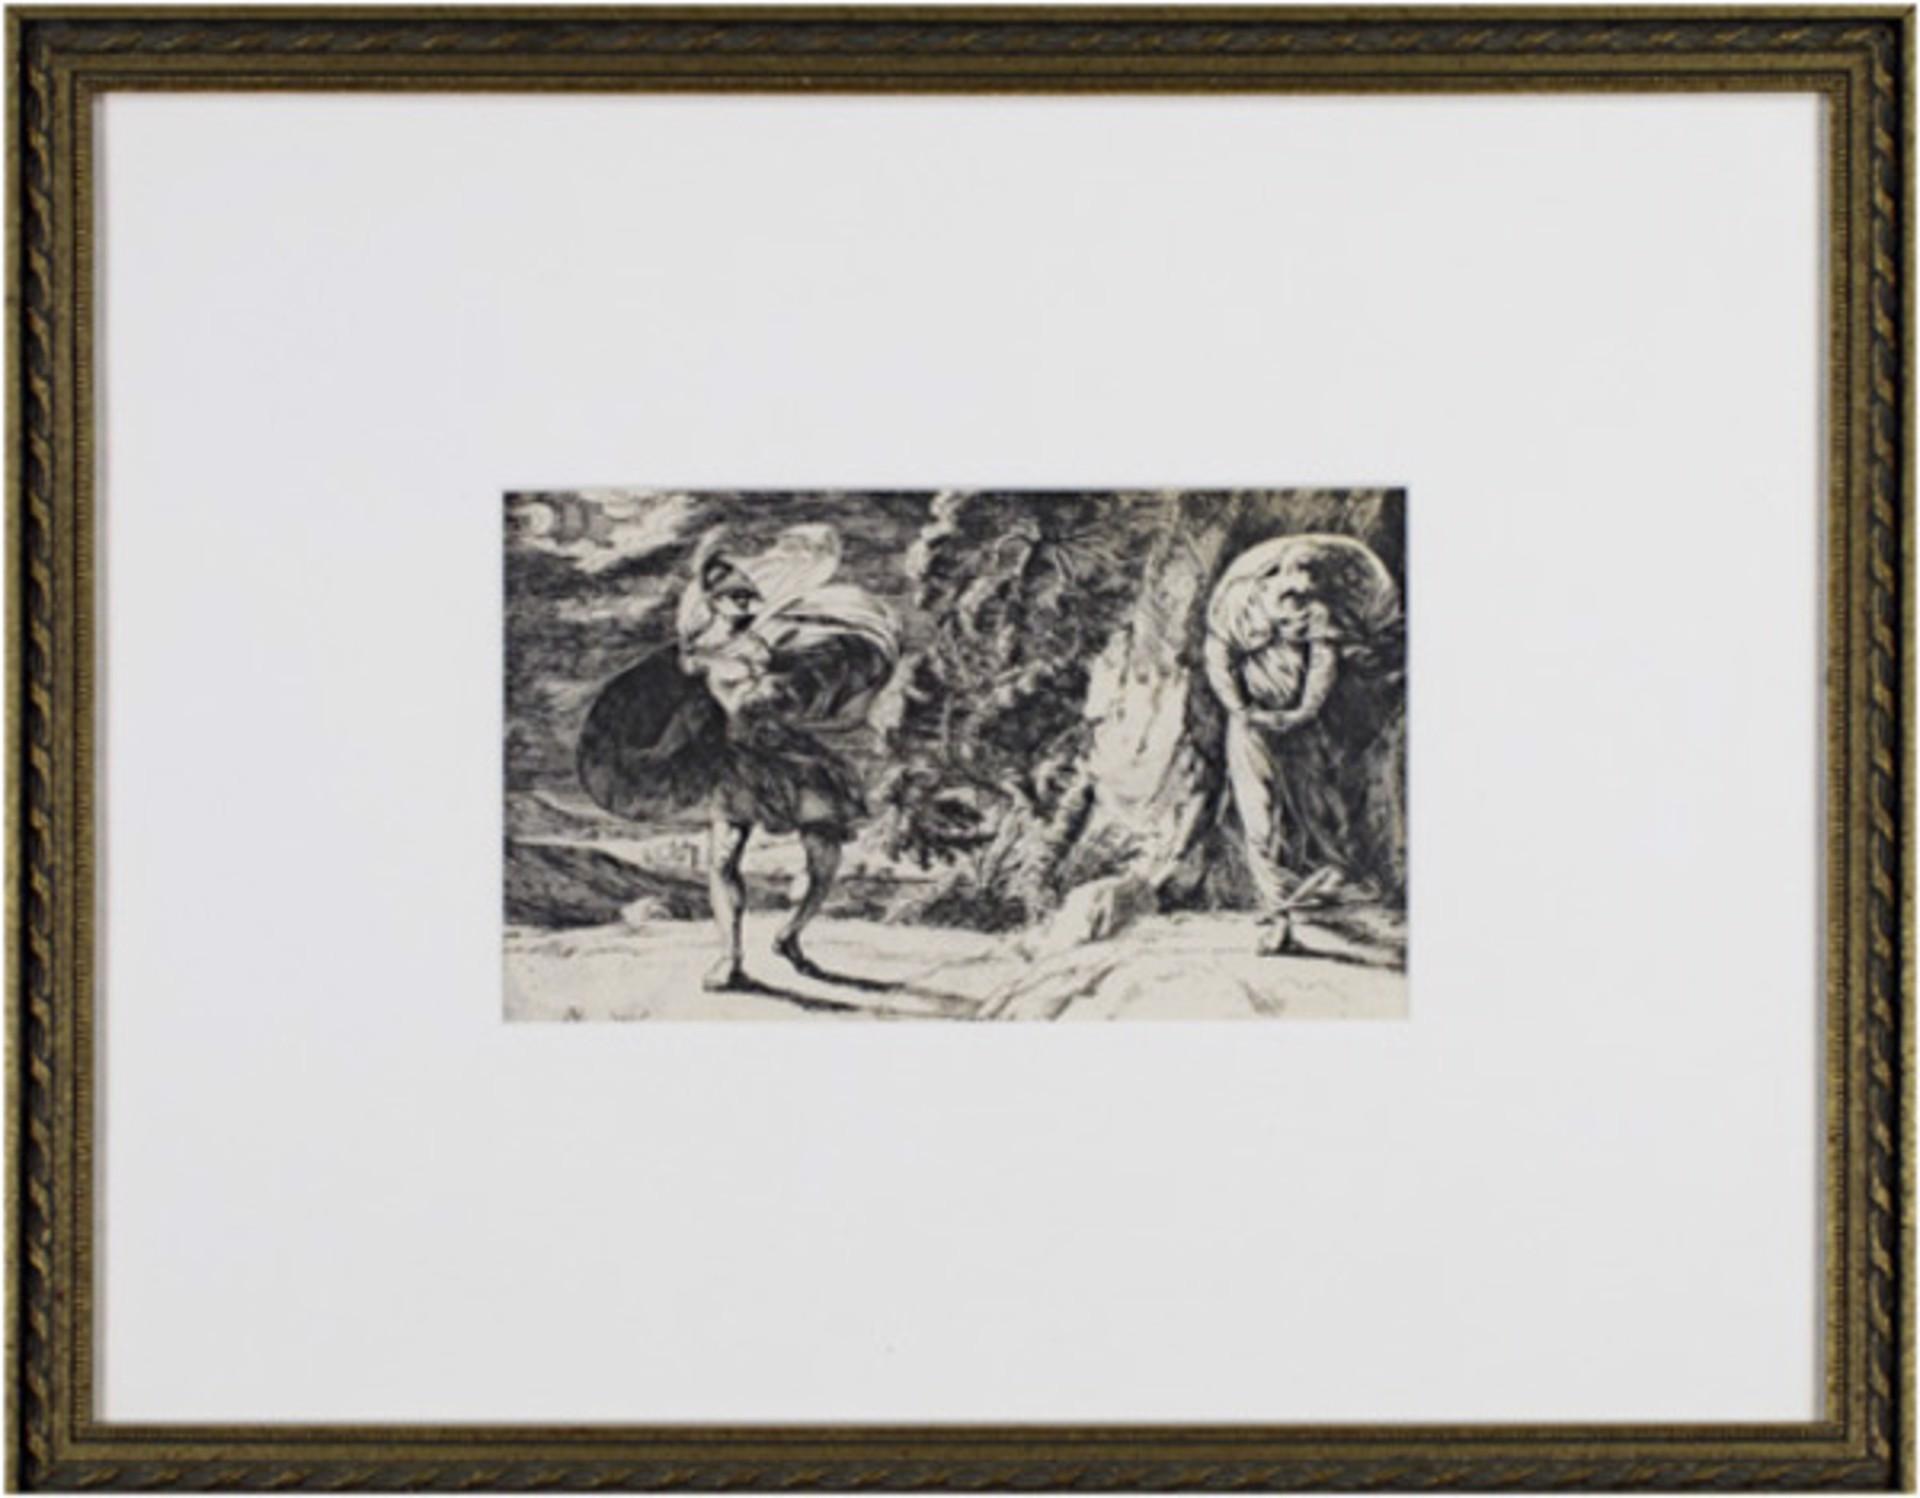 Perseus and Andromeda by Alexander Runciman